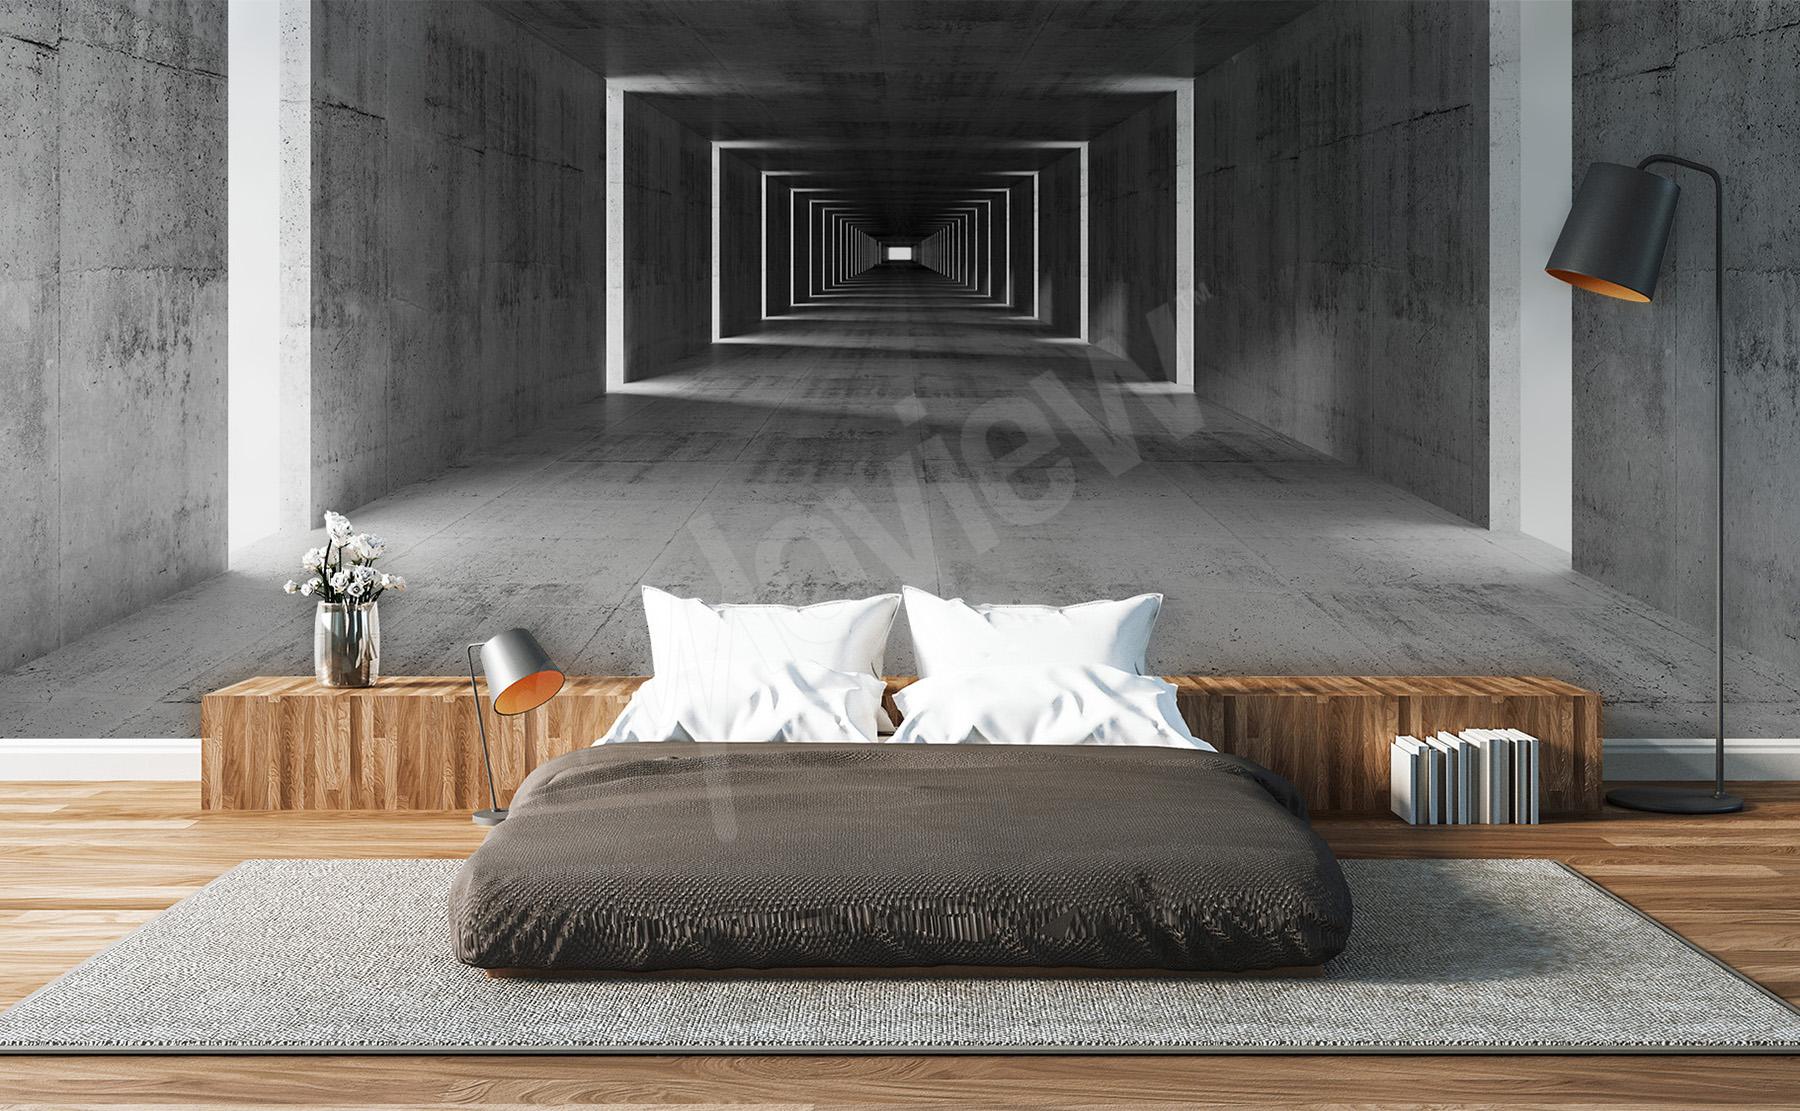 Papiers Peints Tunnels Mur Aux Dimensions Myloview Fr